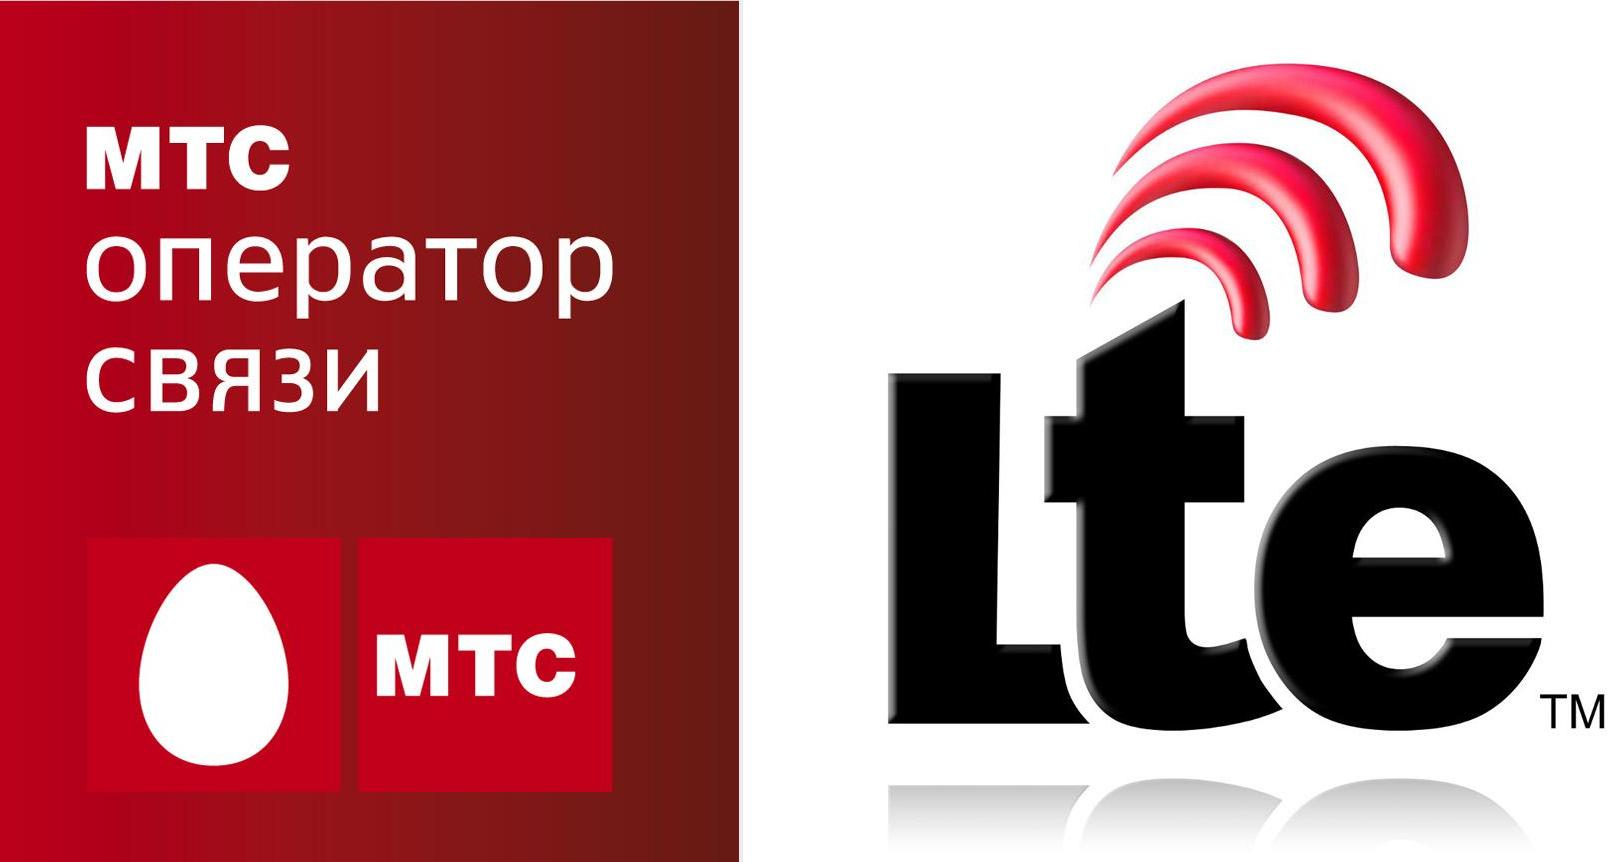 У ведущего телекоммуникационного оператора в России и странах СНГ базовые станции могут поддержив